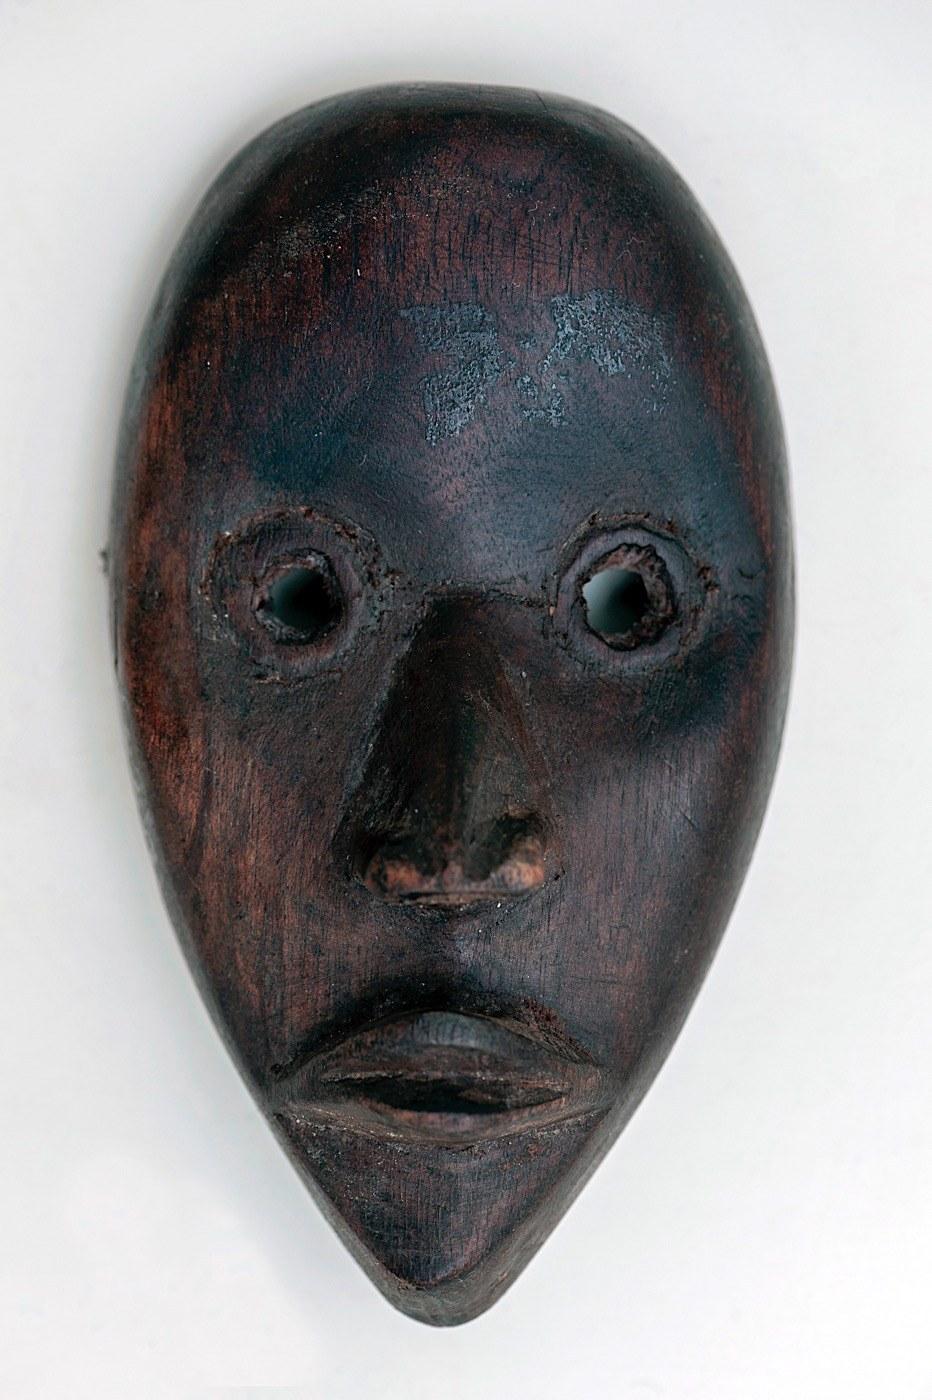 Maska mała, DAN, Wybrzeże Kości Słoniowej, Afryka